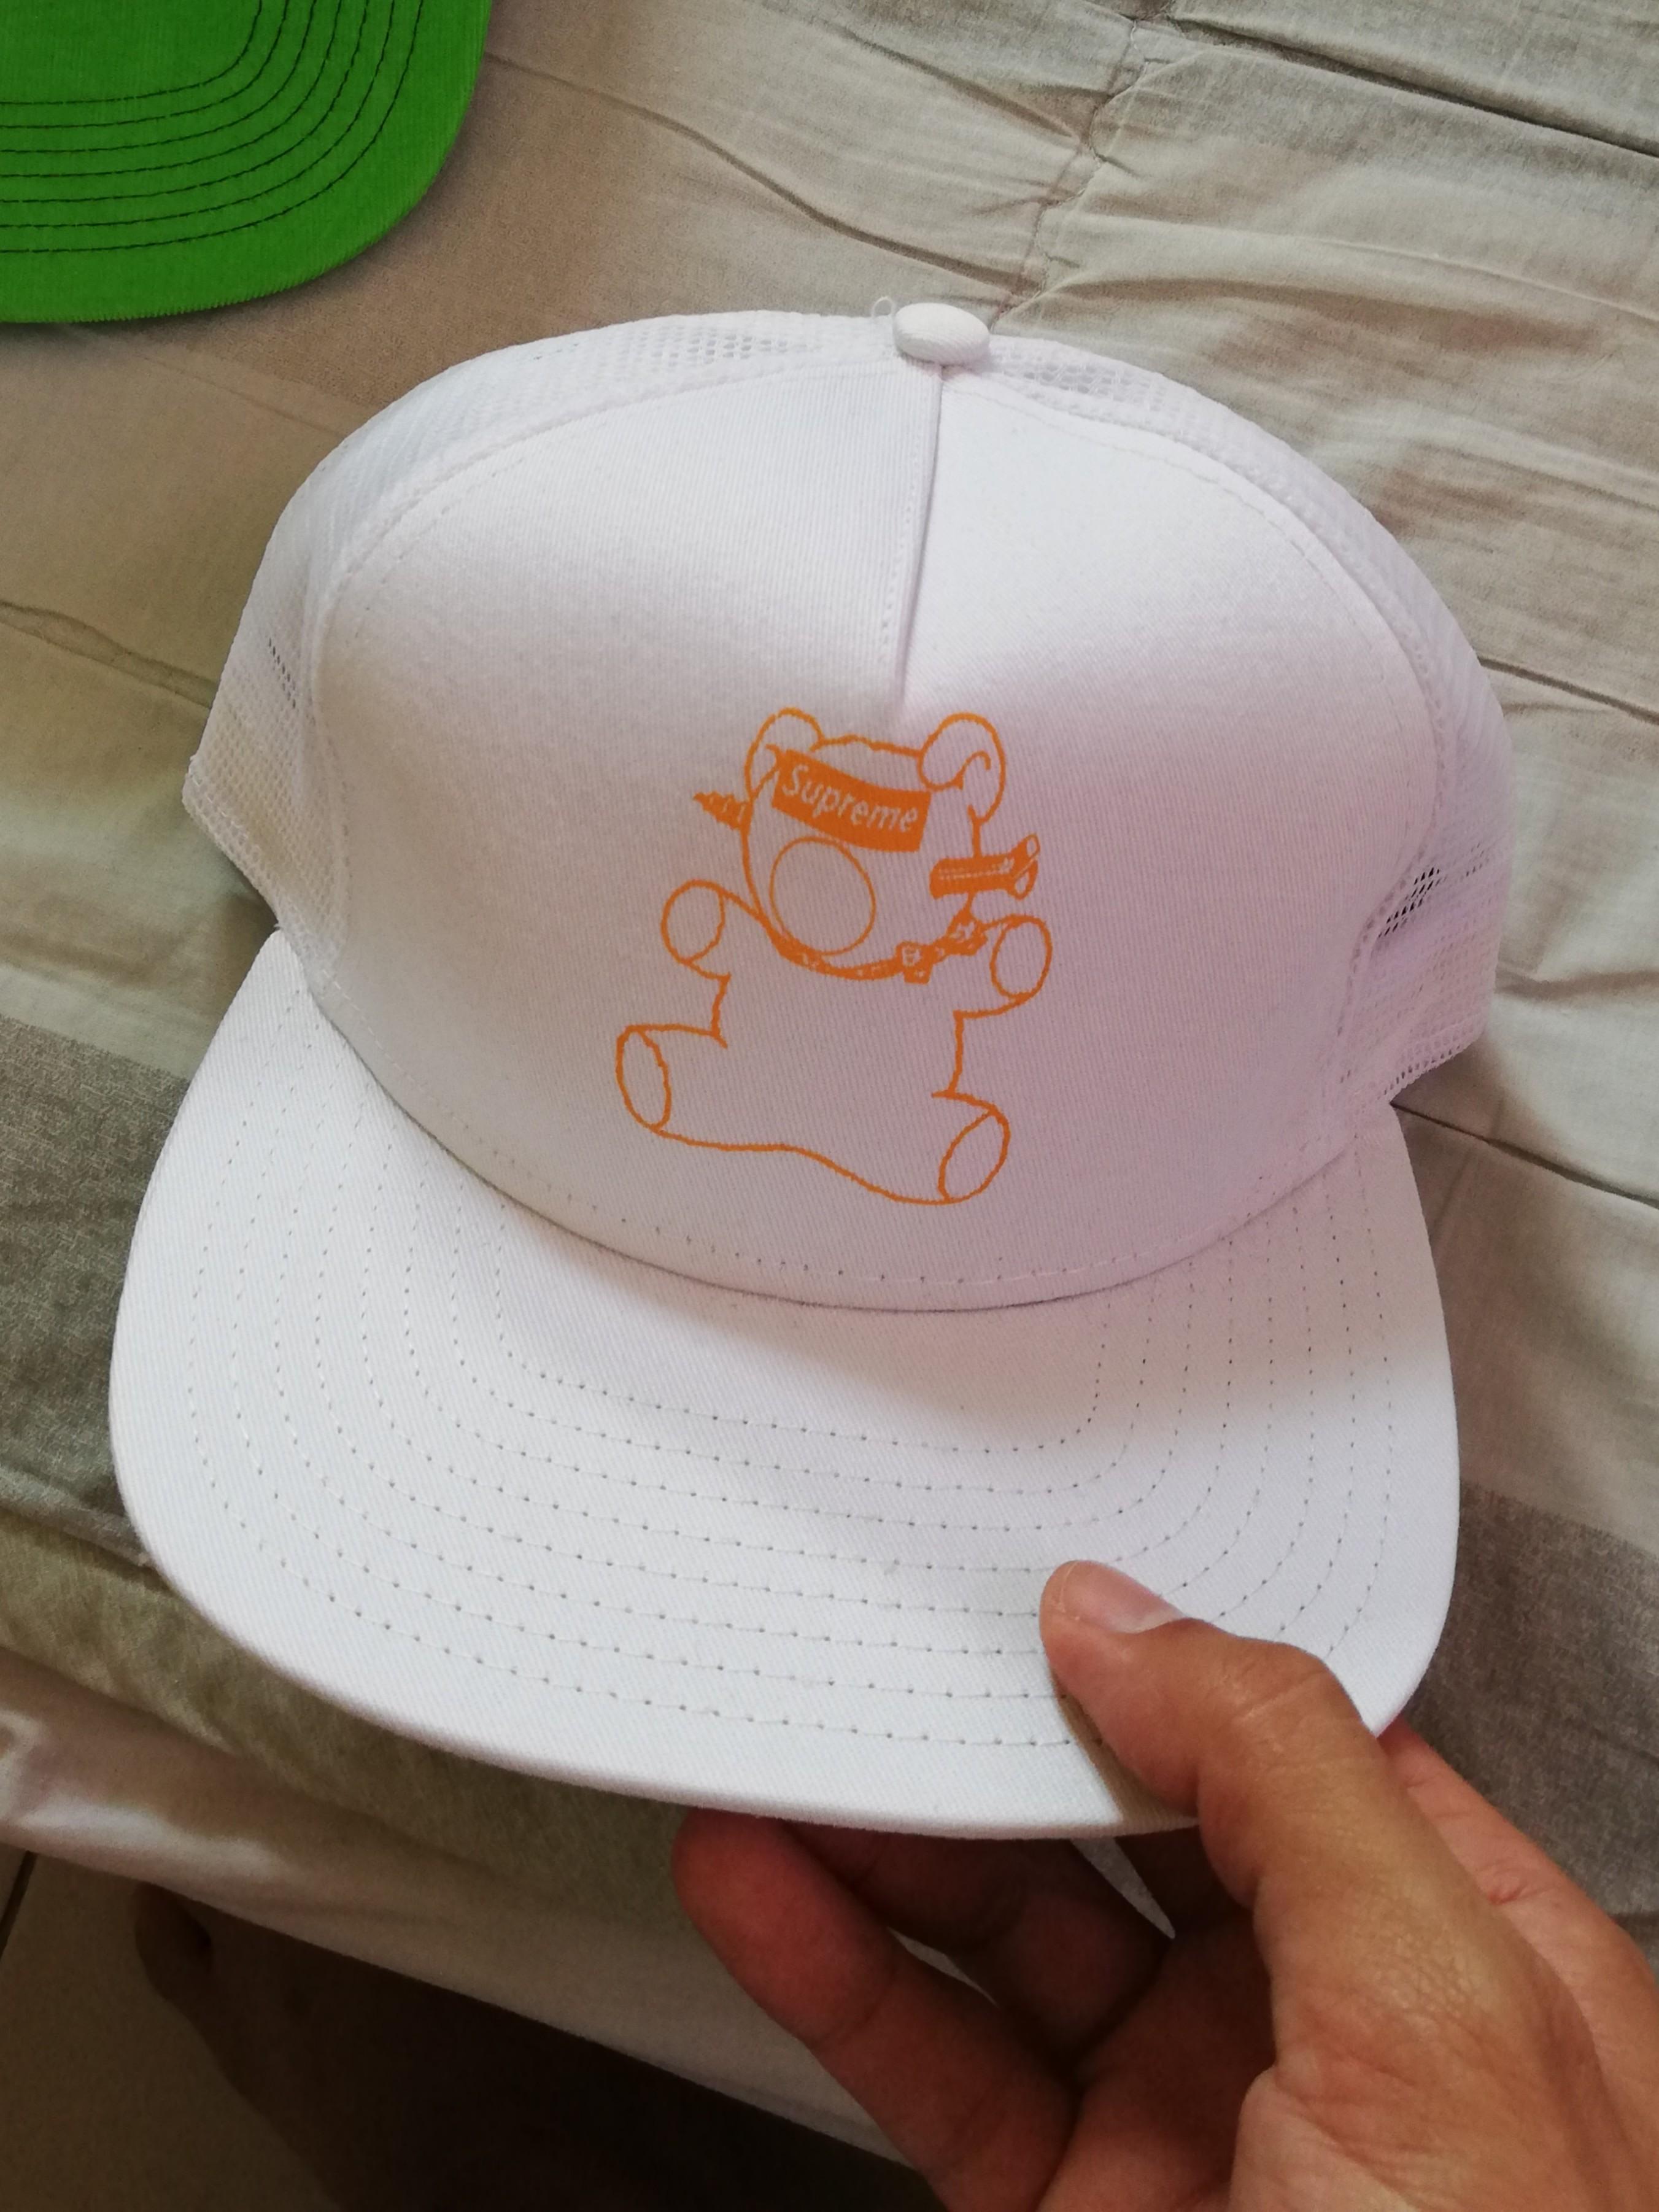 c26454e1d21 Home · Men s Fashion · Accessories · Caps   Hats. photo photo photo photo  photo